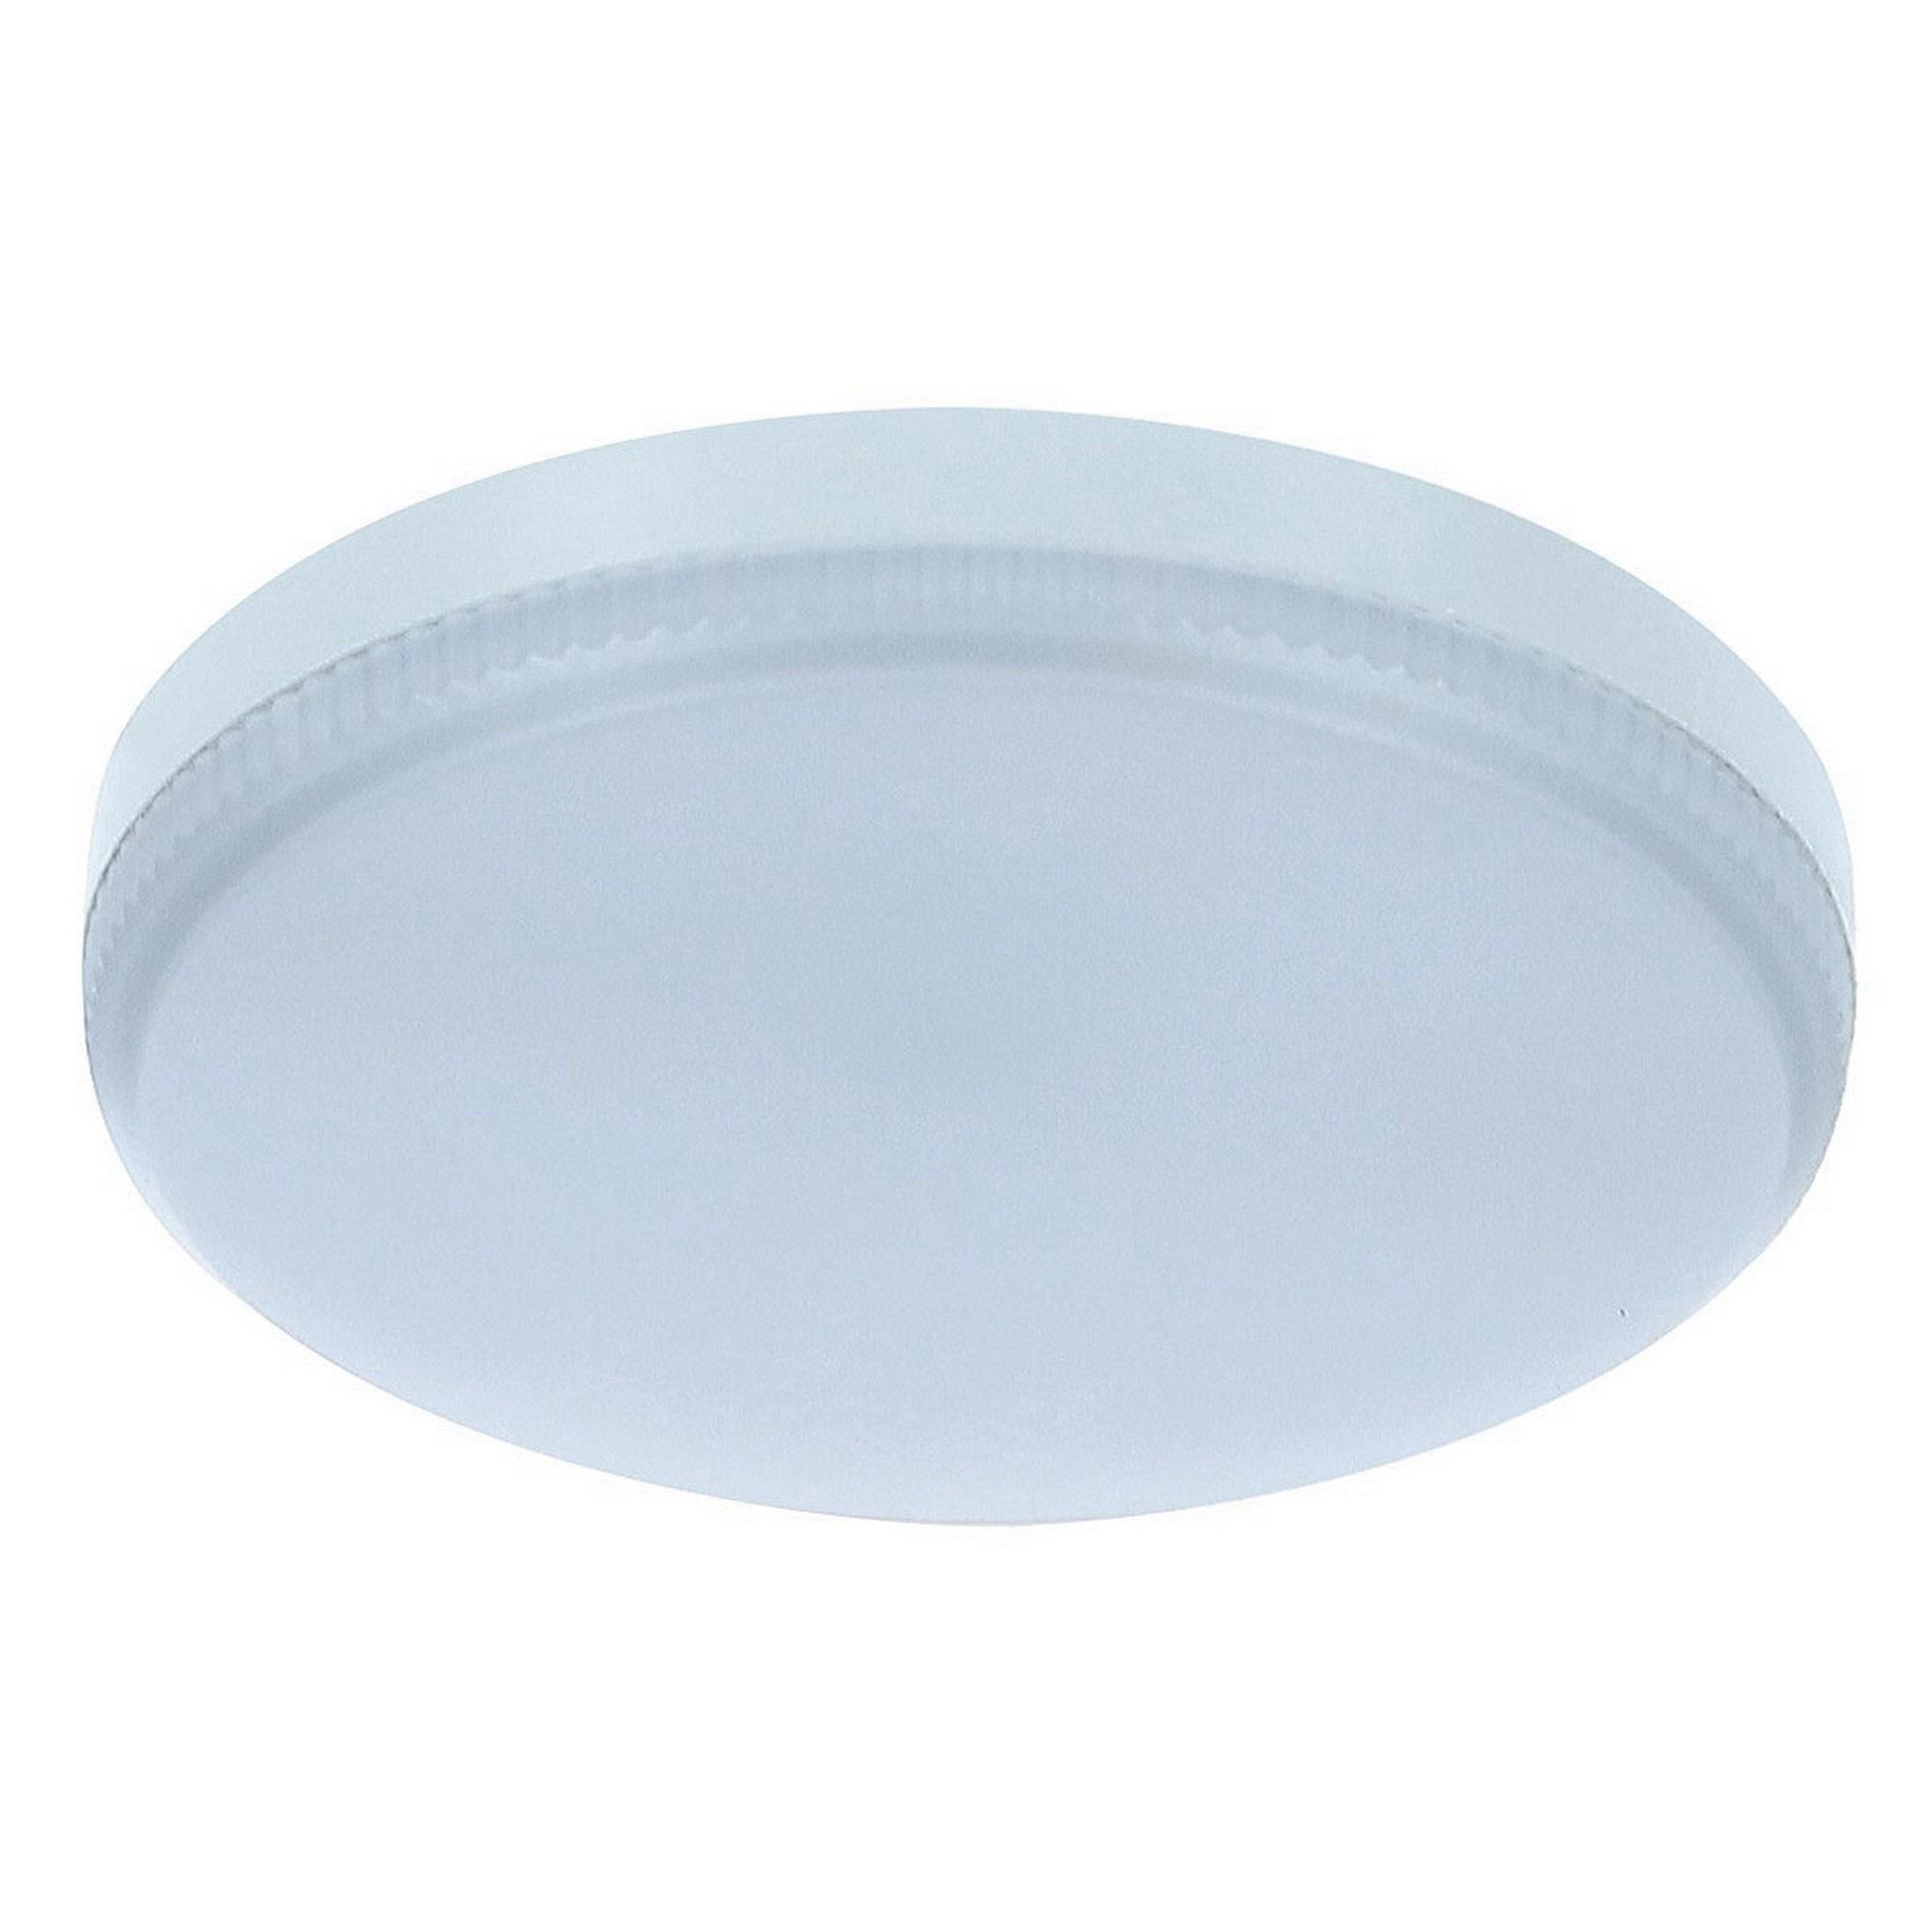 Лампа светодиодная Uniel GX53 10 Вт 900 Лм свет тёплый белый